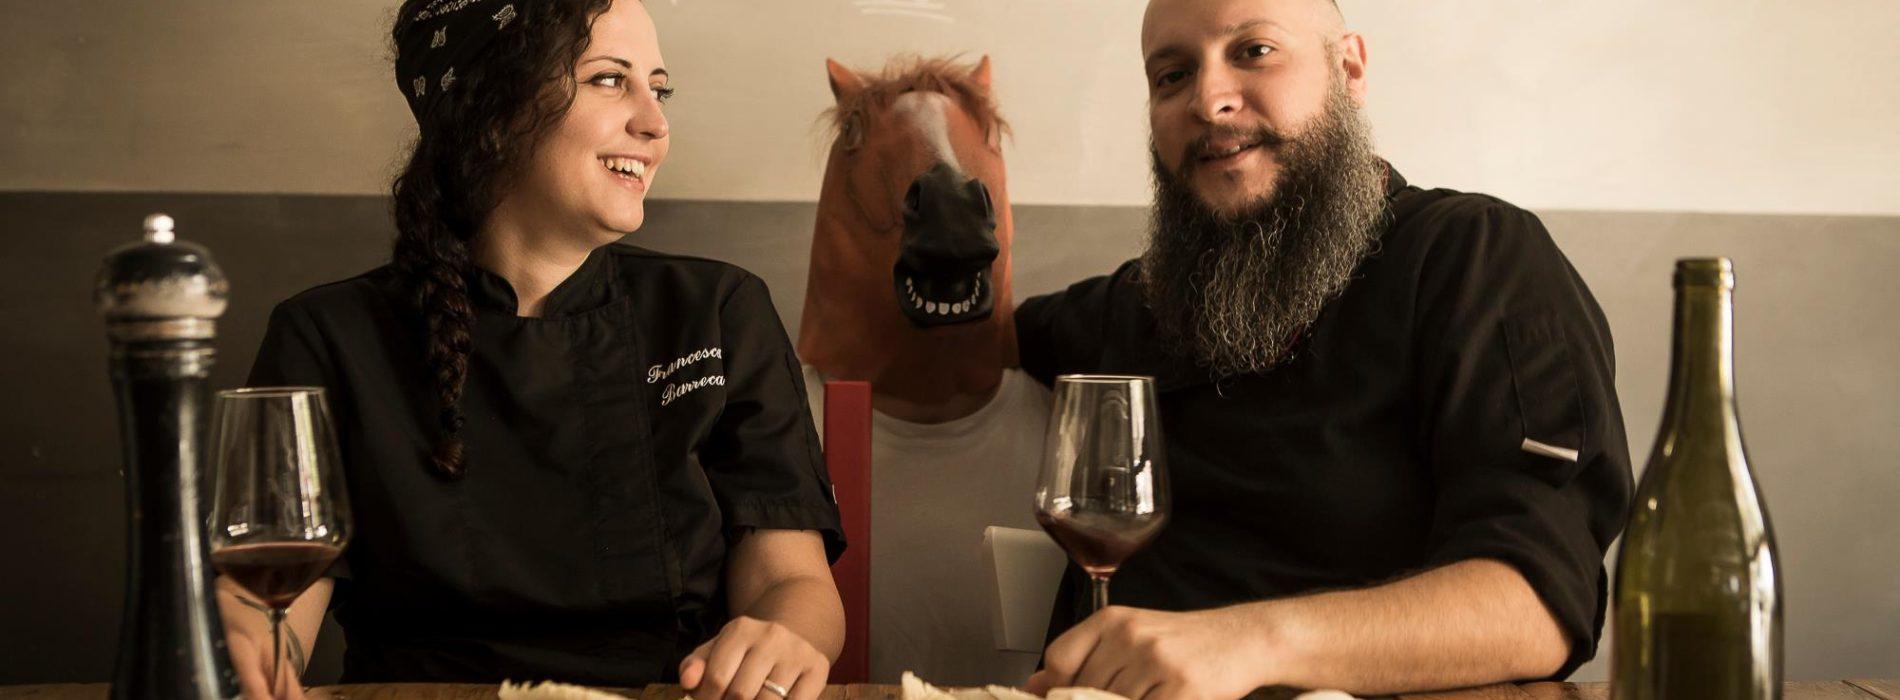 Mazzo Pop up Roma, i fooders tornano per quattro giorni in città al Black Studio di San Lorenzo